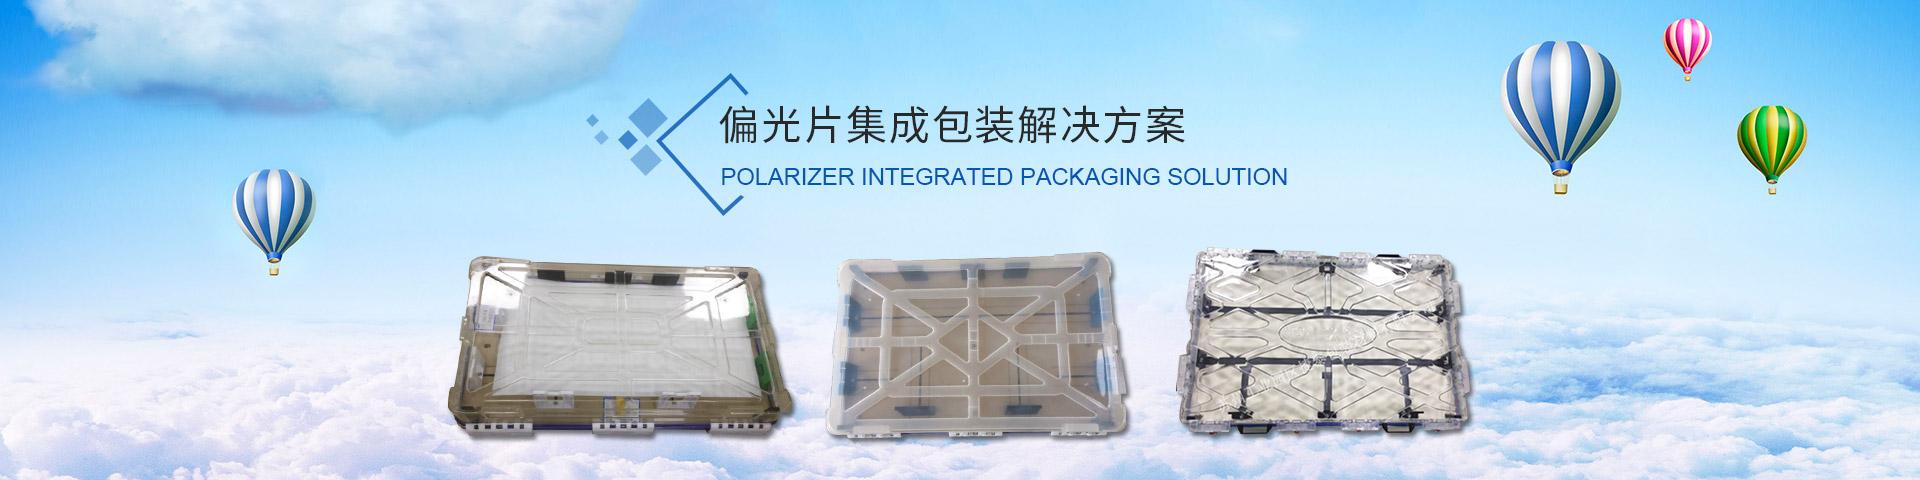 苏州工业园区捷泰包装材料有限公司